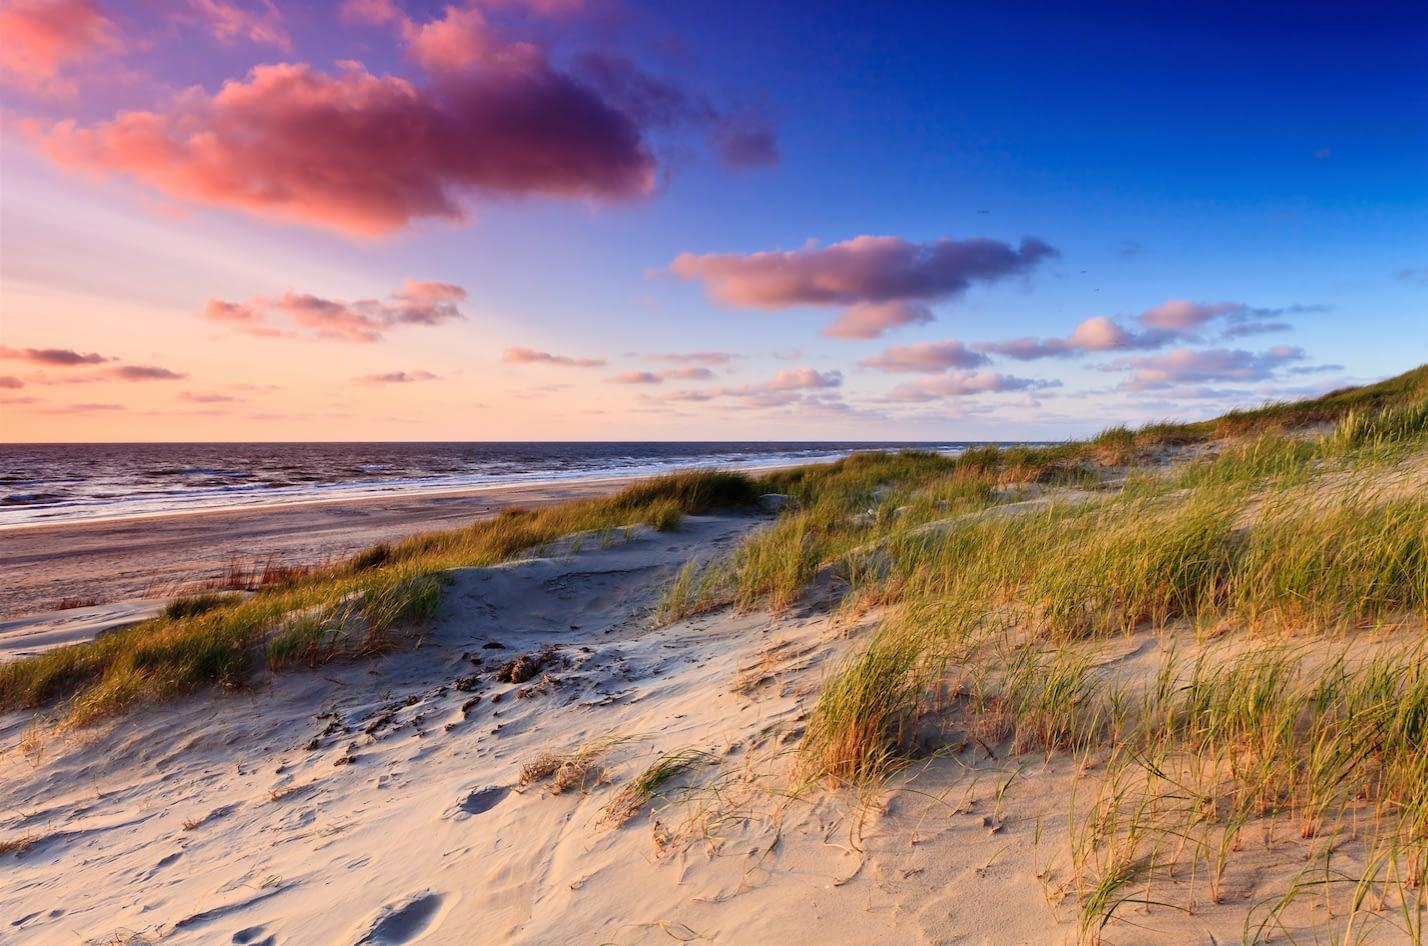 foto van zandduinen in het Westland begroeid met groen helmgras en in de achtergrond de zee met wolken en een rode gloed van de zon